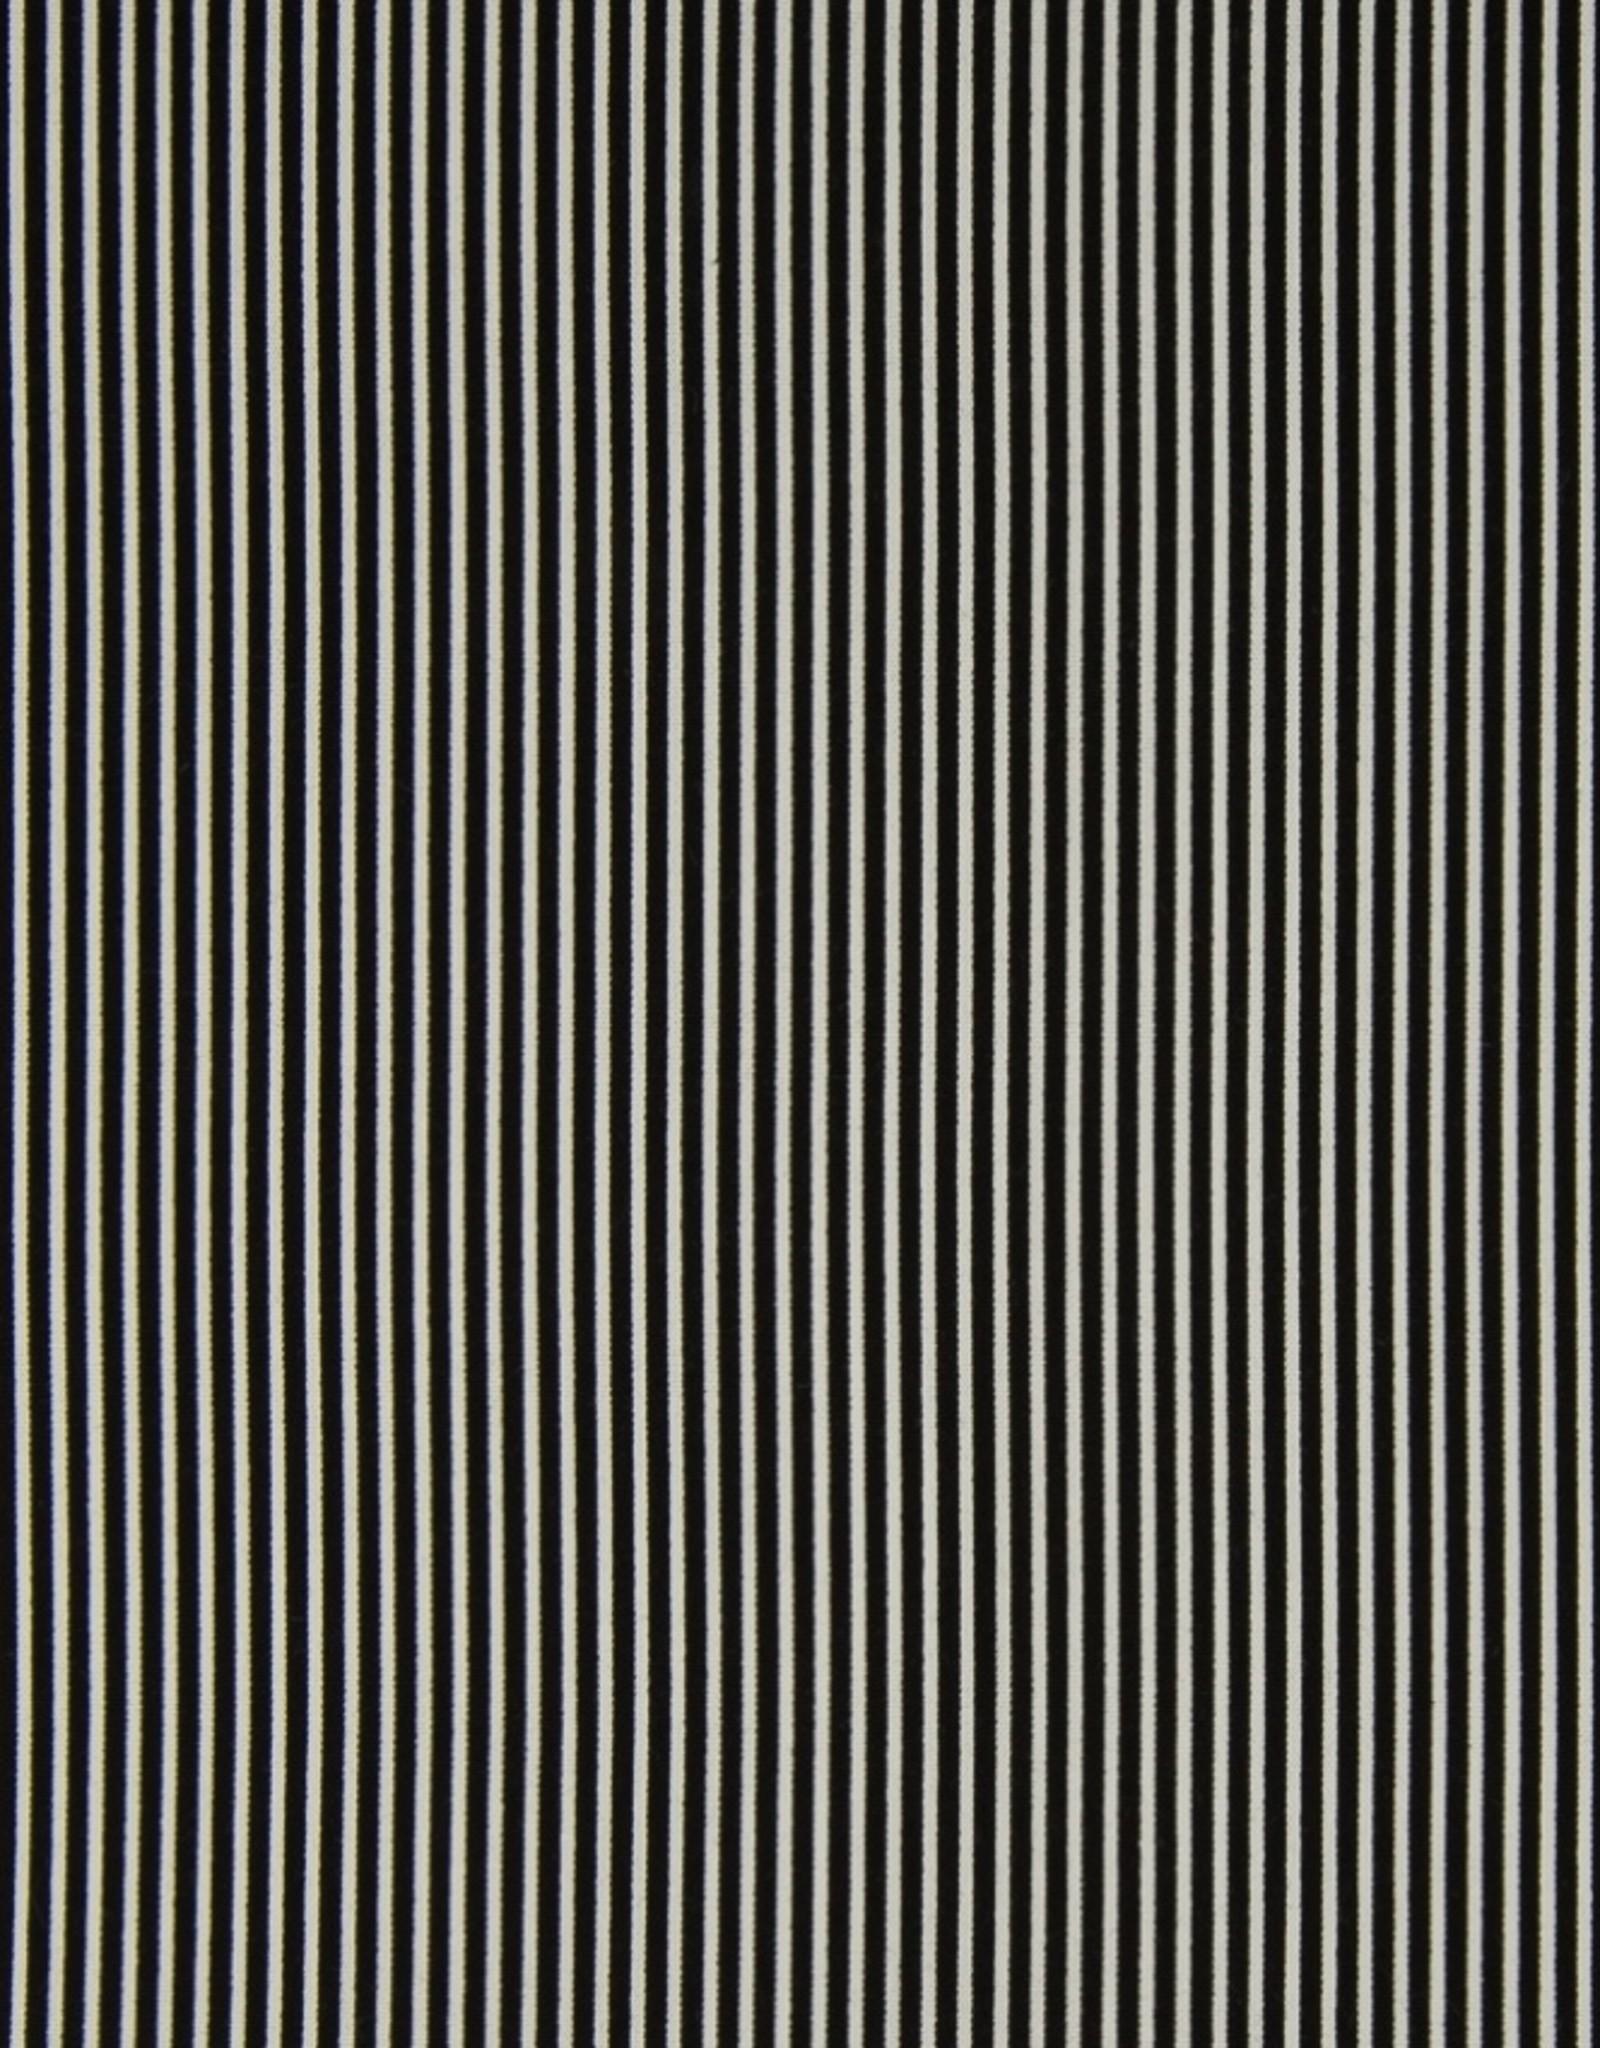 Qjutie Katoen fijne strepen zwart/wit